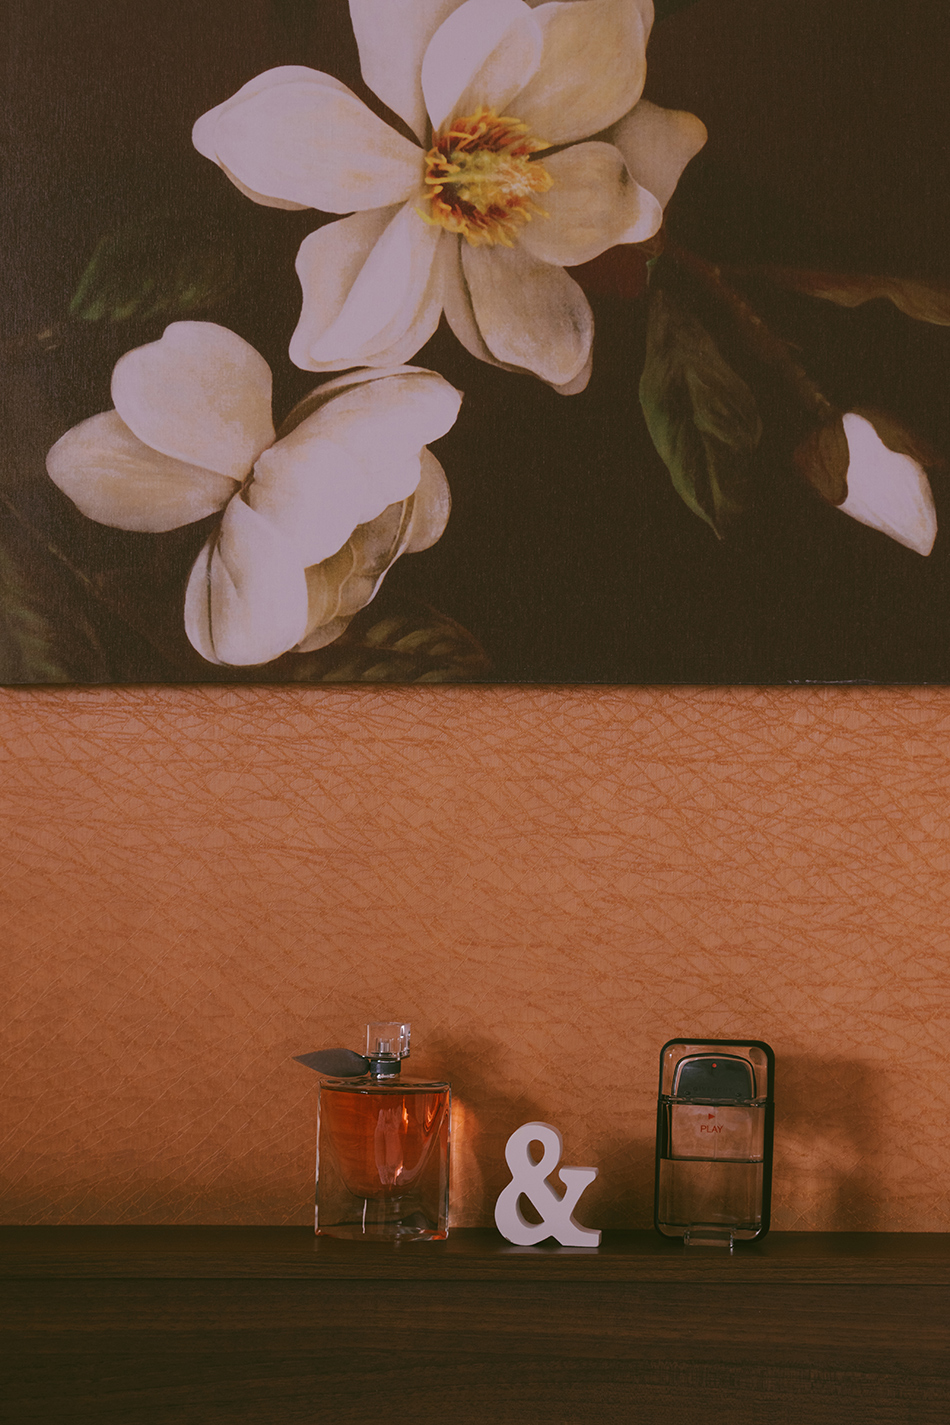 AD Passion Photography | fotograf-nunta-bucuresti_cununie_astrid-madalin_0008 | Adelin, Dida, fotograf profesionist, fotograf de nunta, fotografie de nunta, fotograf Timisoara, fotograf Craiova, fotograf Bucuresti, fotograf Arad, nunta Timisoara, nunta Arad, nunta Bucuresti, nunta Craiova